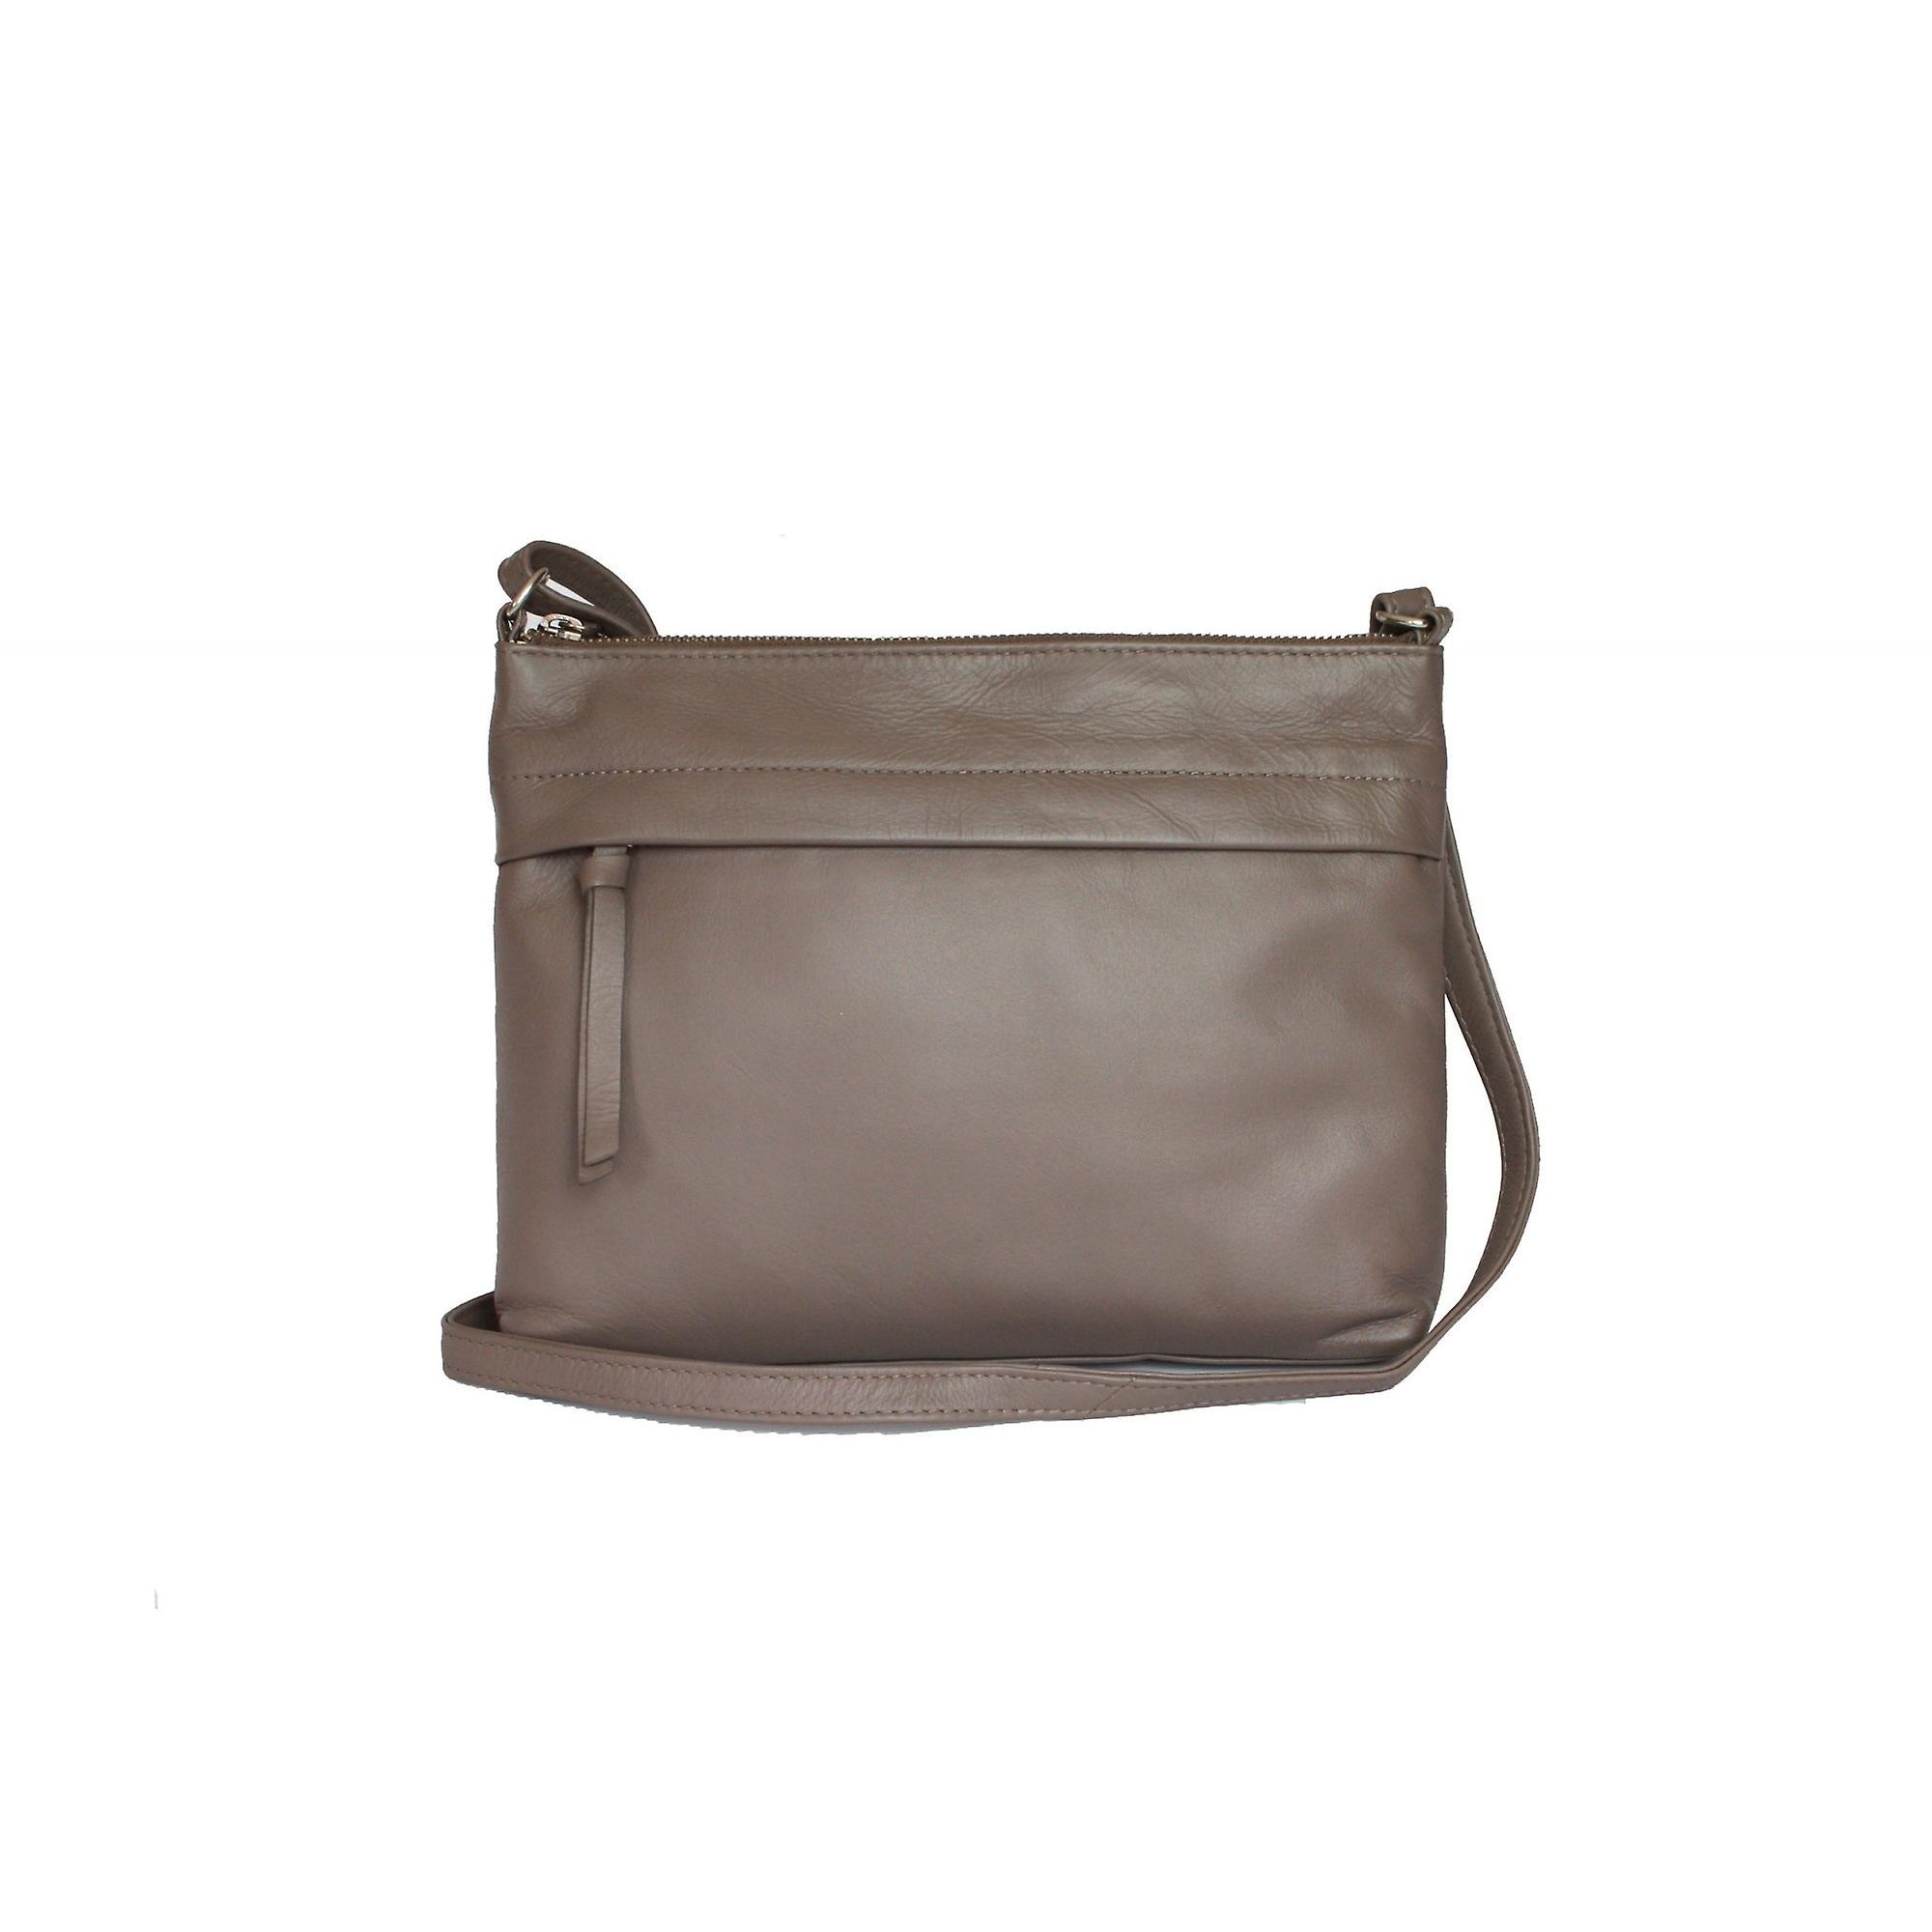 Eastern Counties Leather Womens/Ladies Callie Zip Pocket Handbag